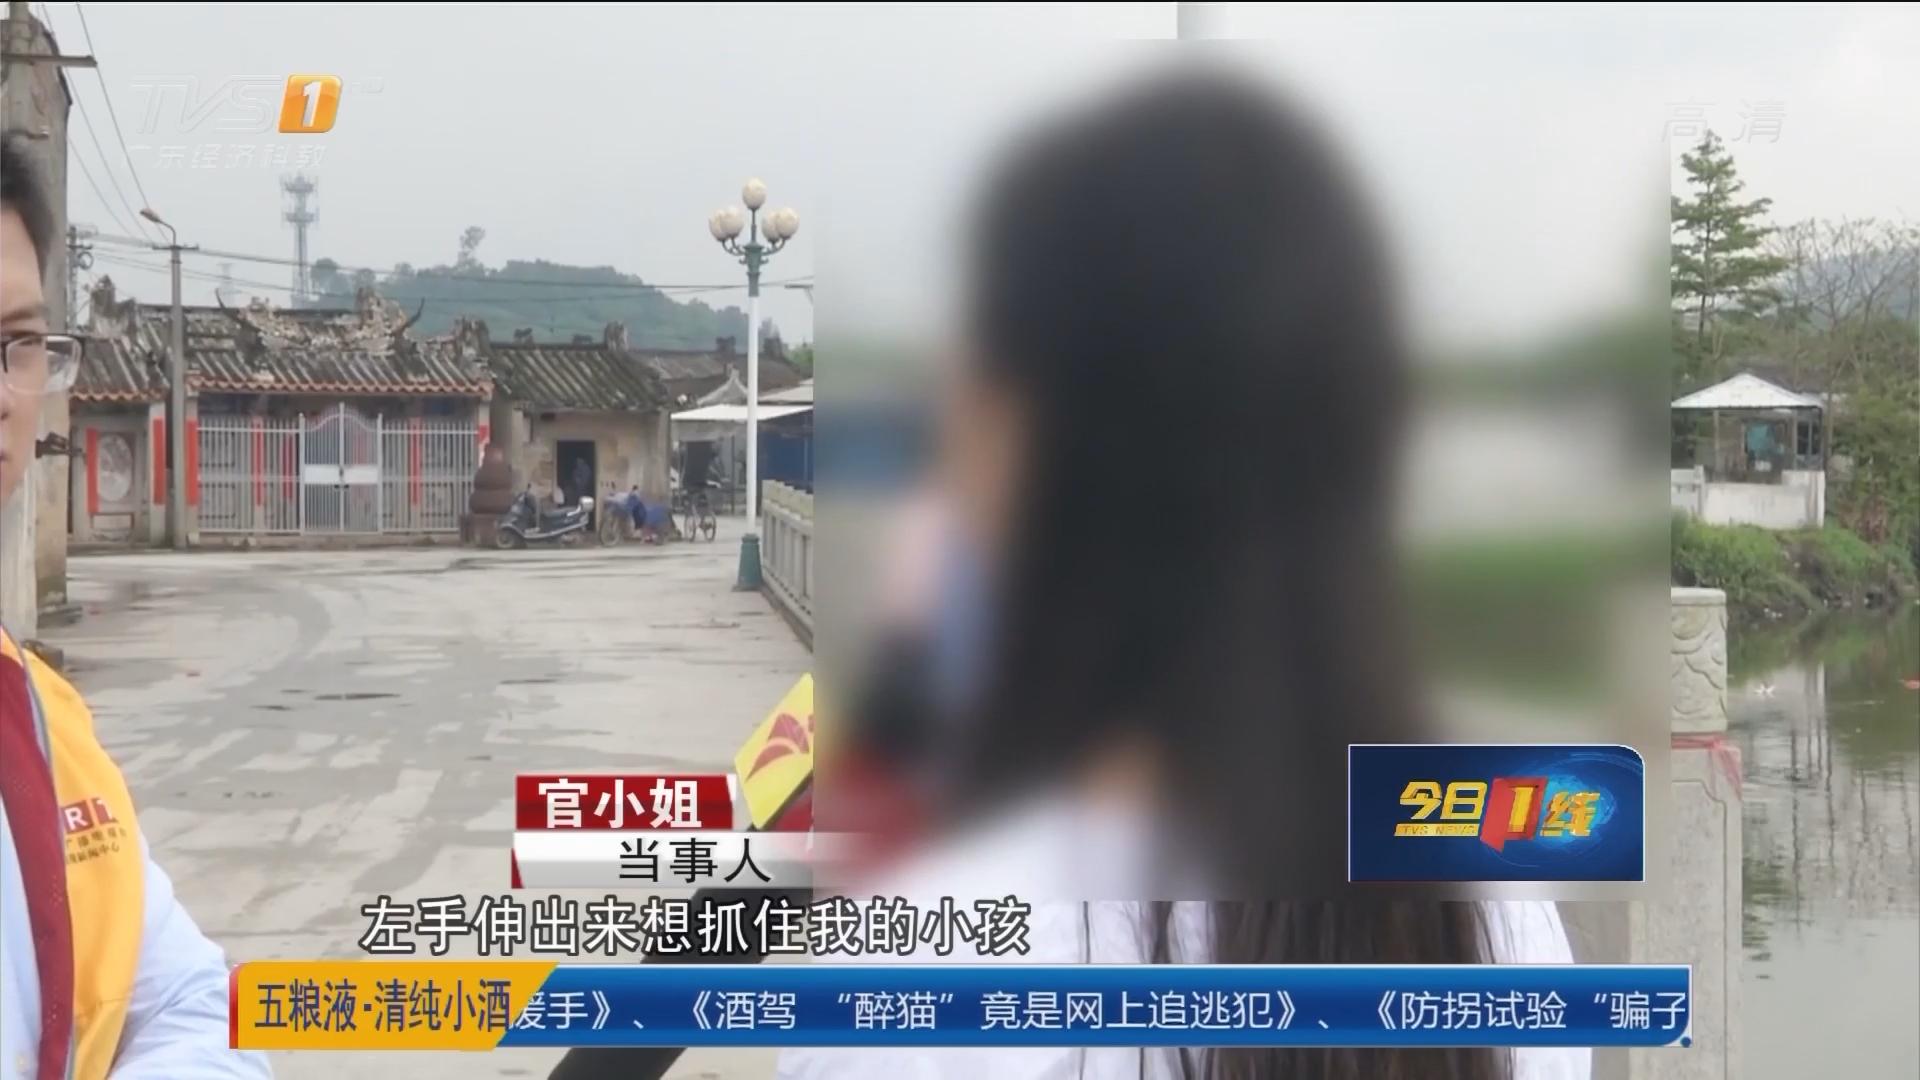 揭阳普宁:尾随母子抢小孩?警方介入